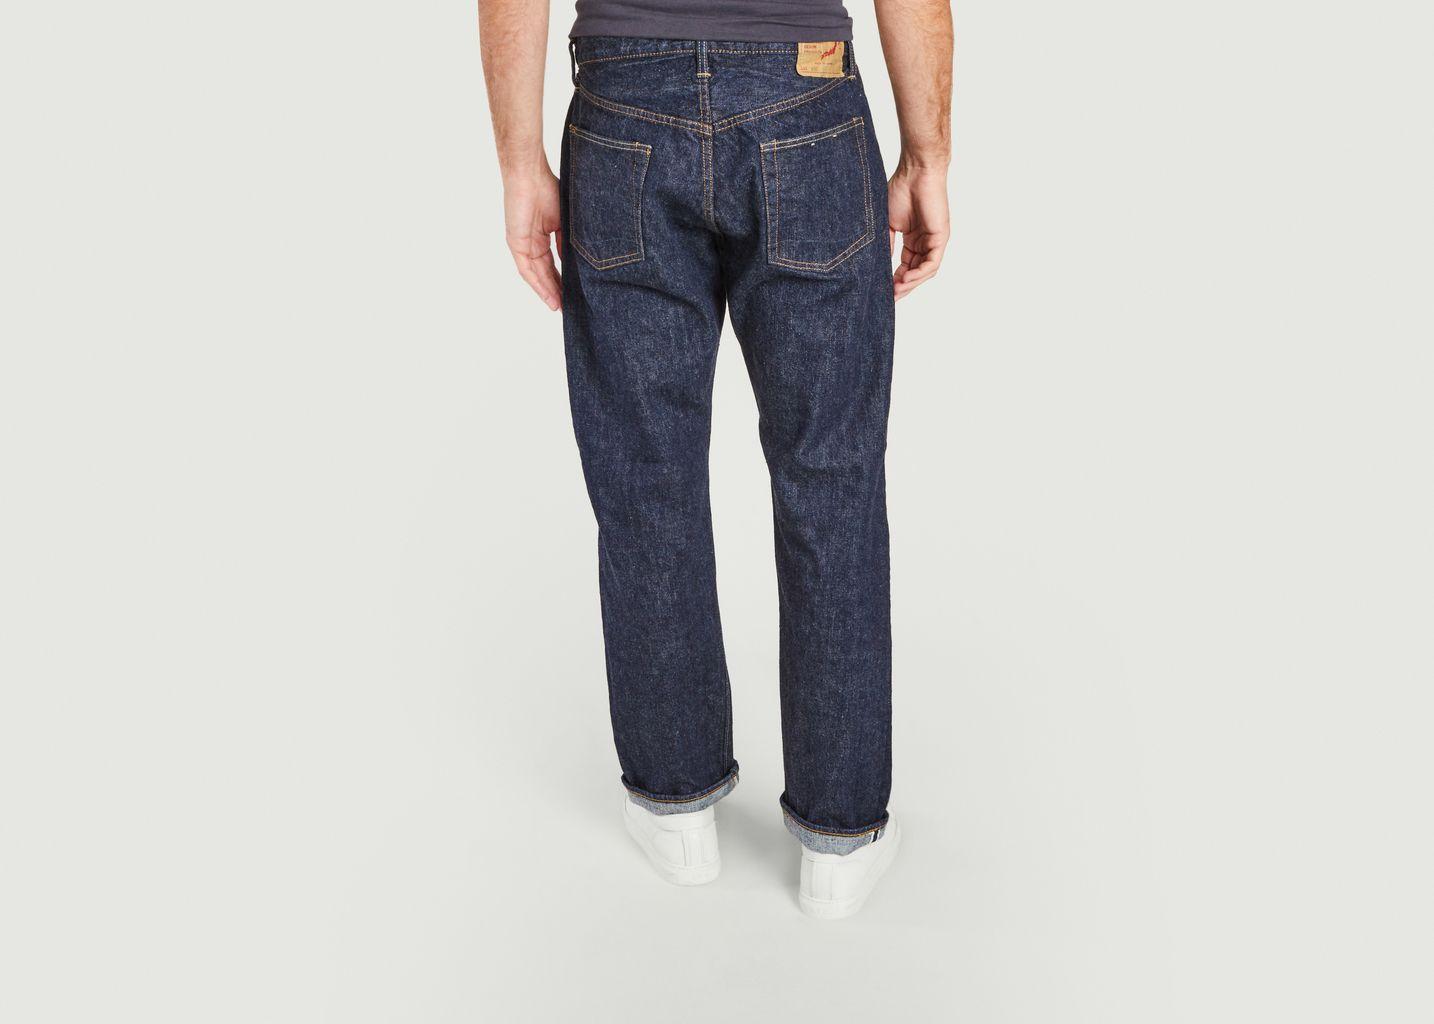 Jeans en denim 105  - orSlow